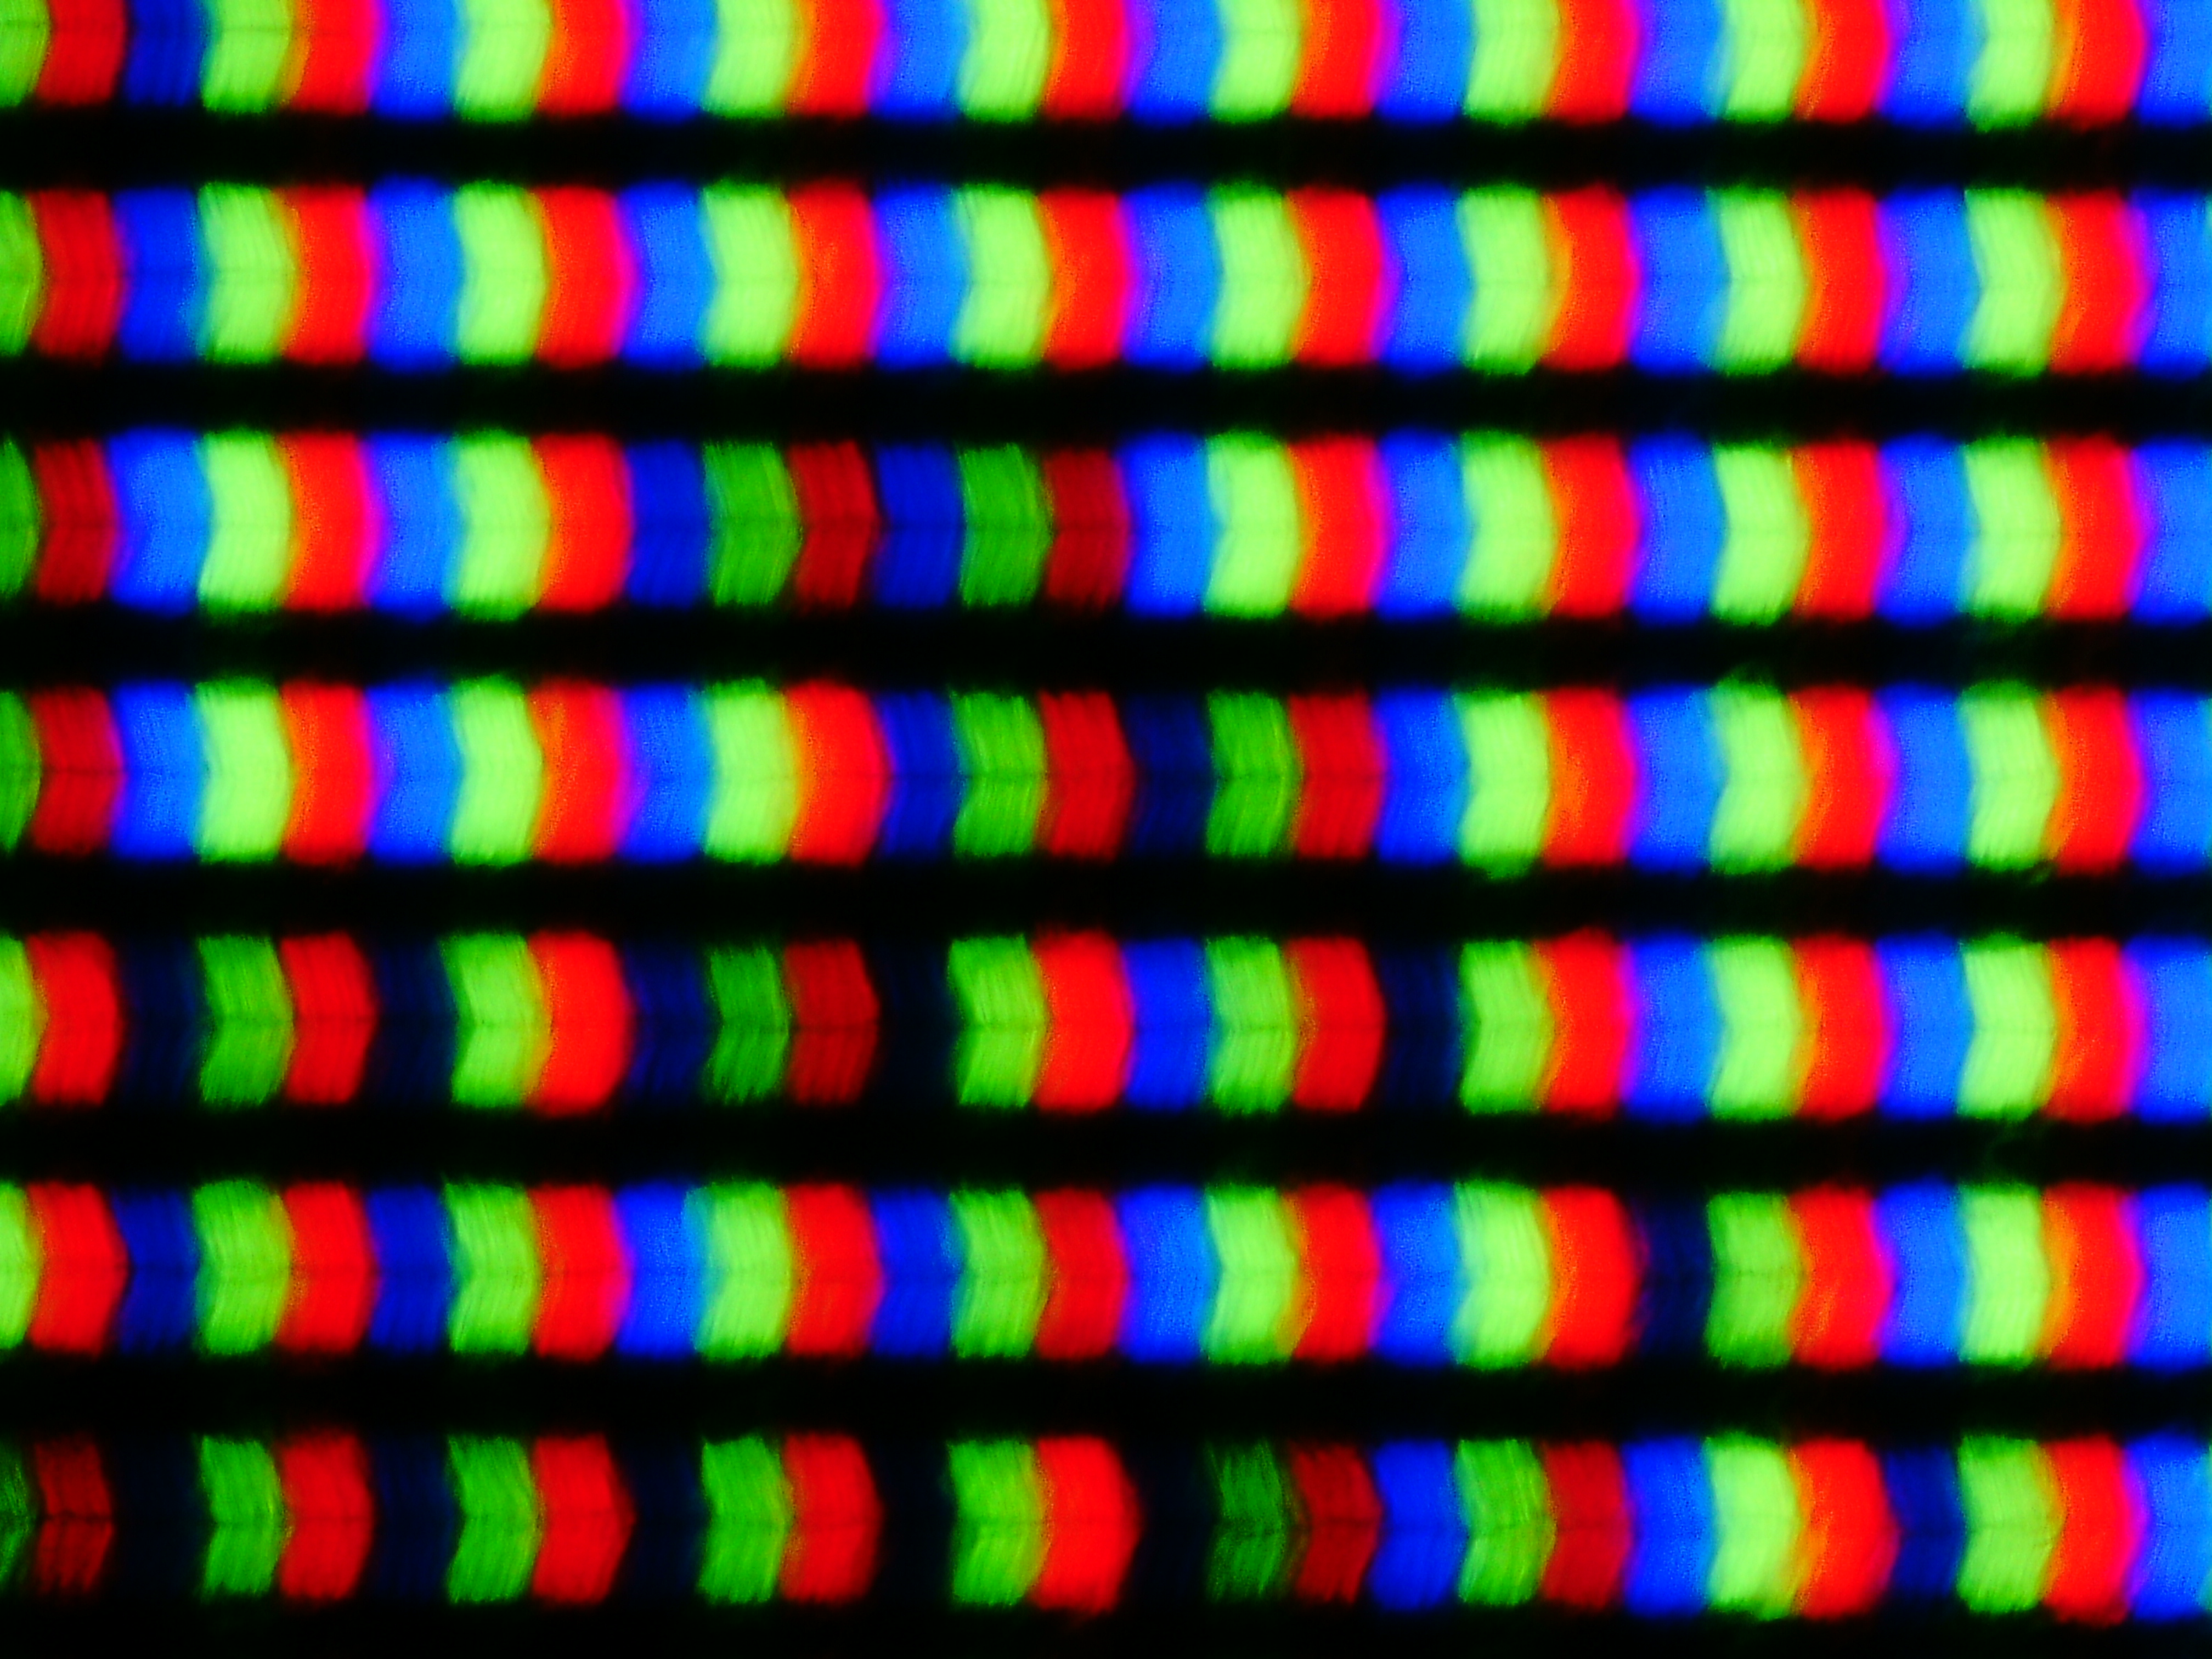 顕微鏡で撮影した43UN700-Bの表示面。IPS型液晶特有の画素形状。ノングレアパネルのため、表示画素からの光は拡散しやすく、画素形状はぼやけ気味である